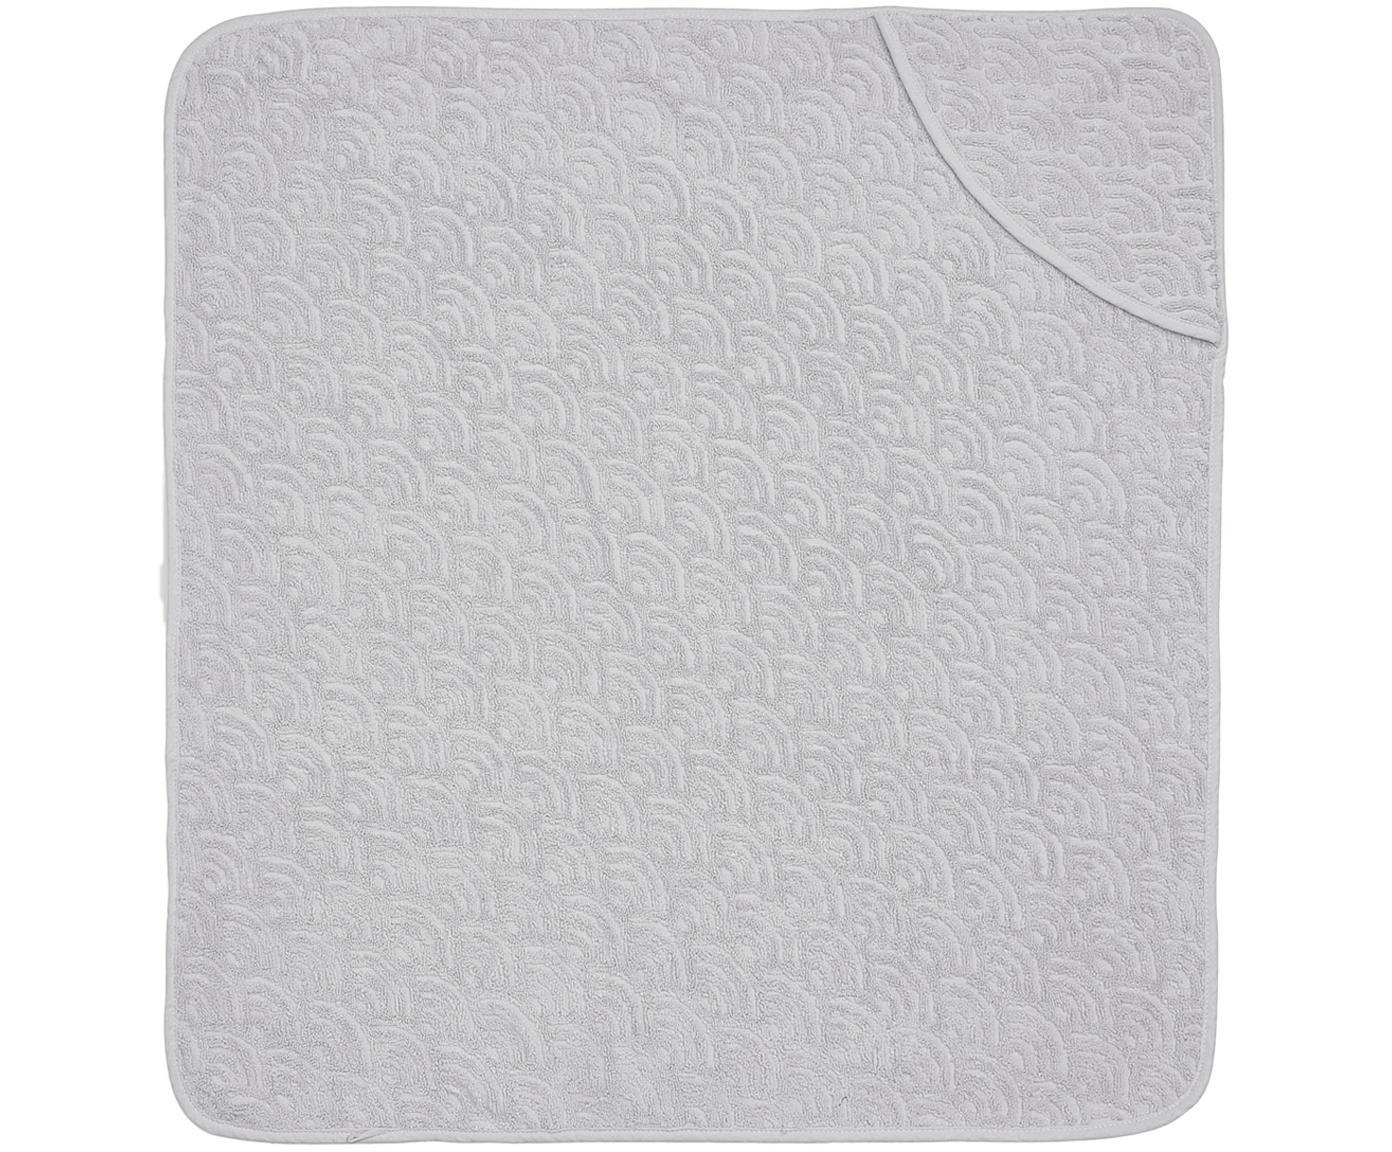 Toalla baño para bebé de algodón ecológico Wave Fluff, Algodón orgánico, Gris, An 105 x L 105 cm